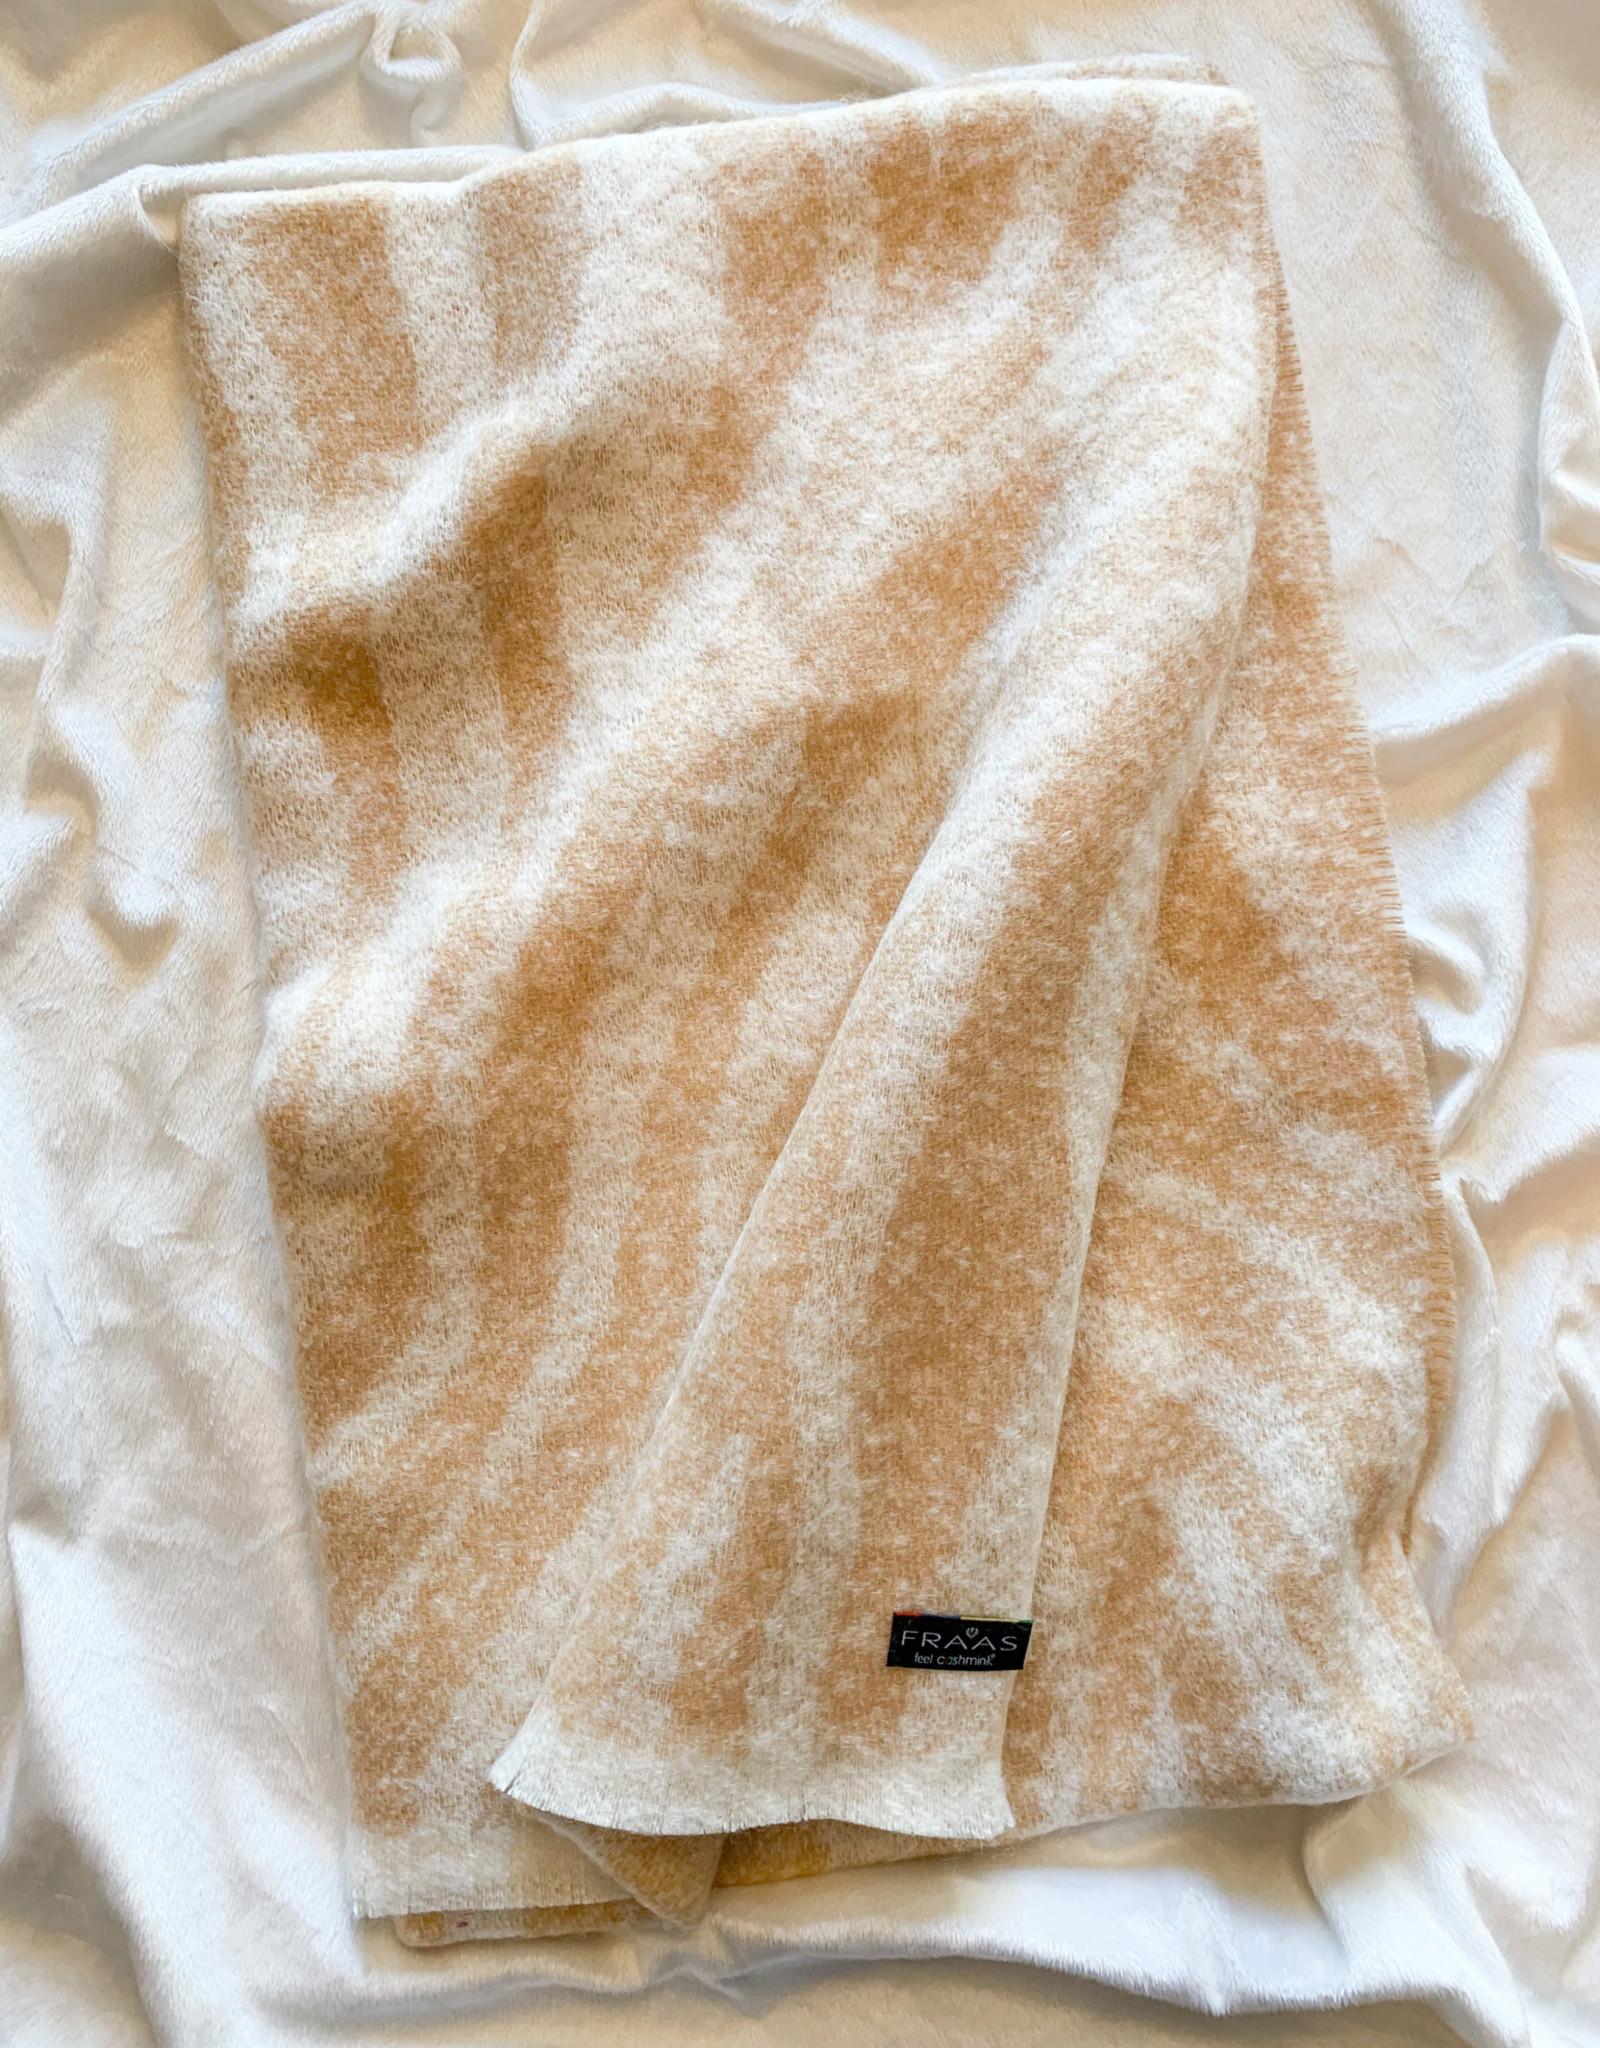 V.Fraas Subtle Zebra Large Plush Scarf